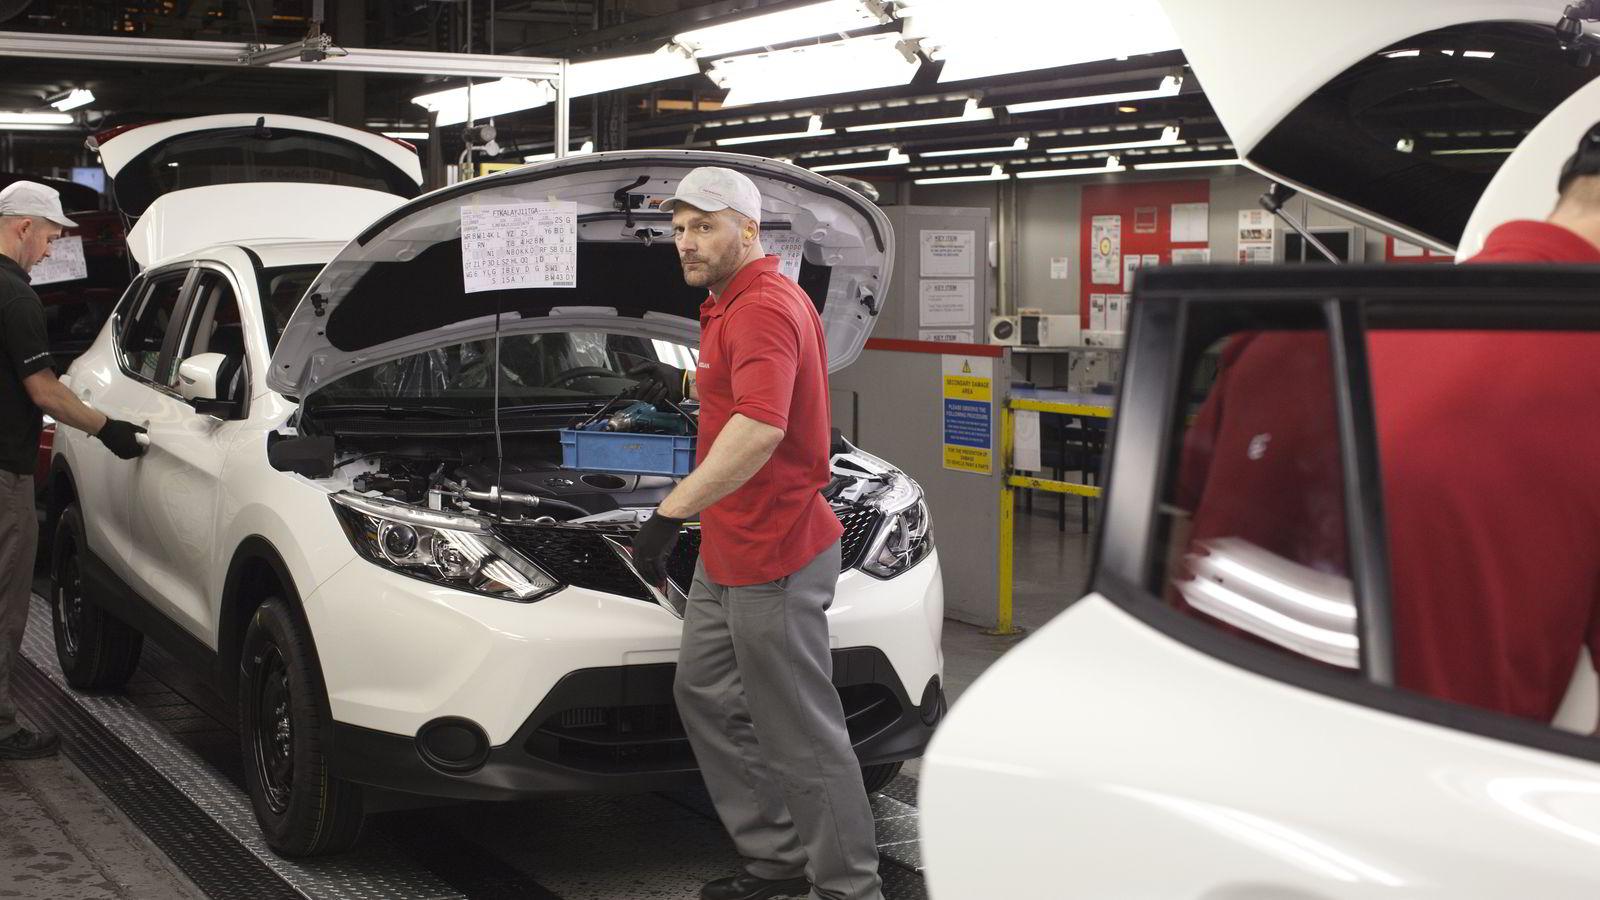 Britisk bilindustri sysselsetter over 160.000 personer. Her fra Nissans fabrikk i Sunderland der det produseres en halv million bilder i året - og 61 prosent av innbyggerne stemte for brexit.